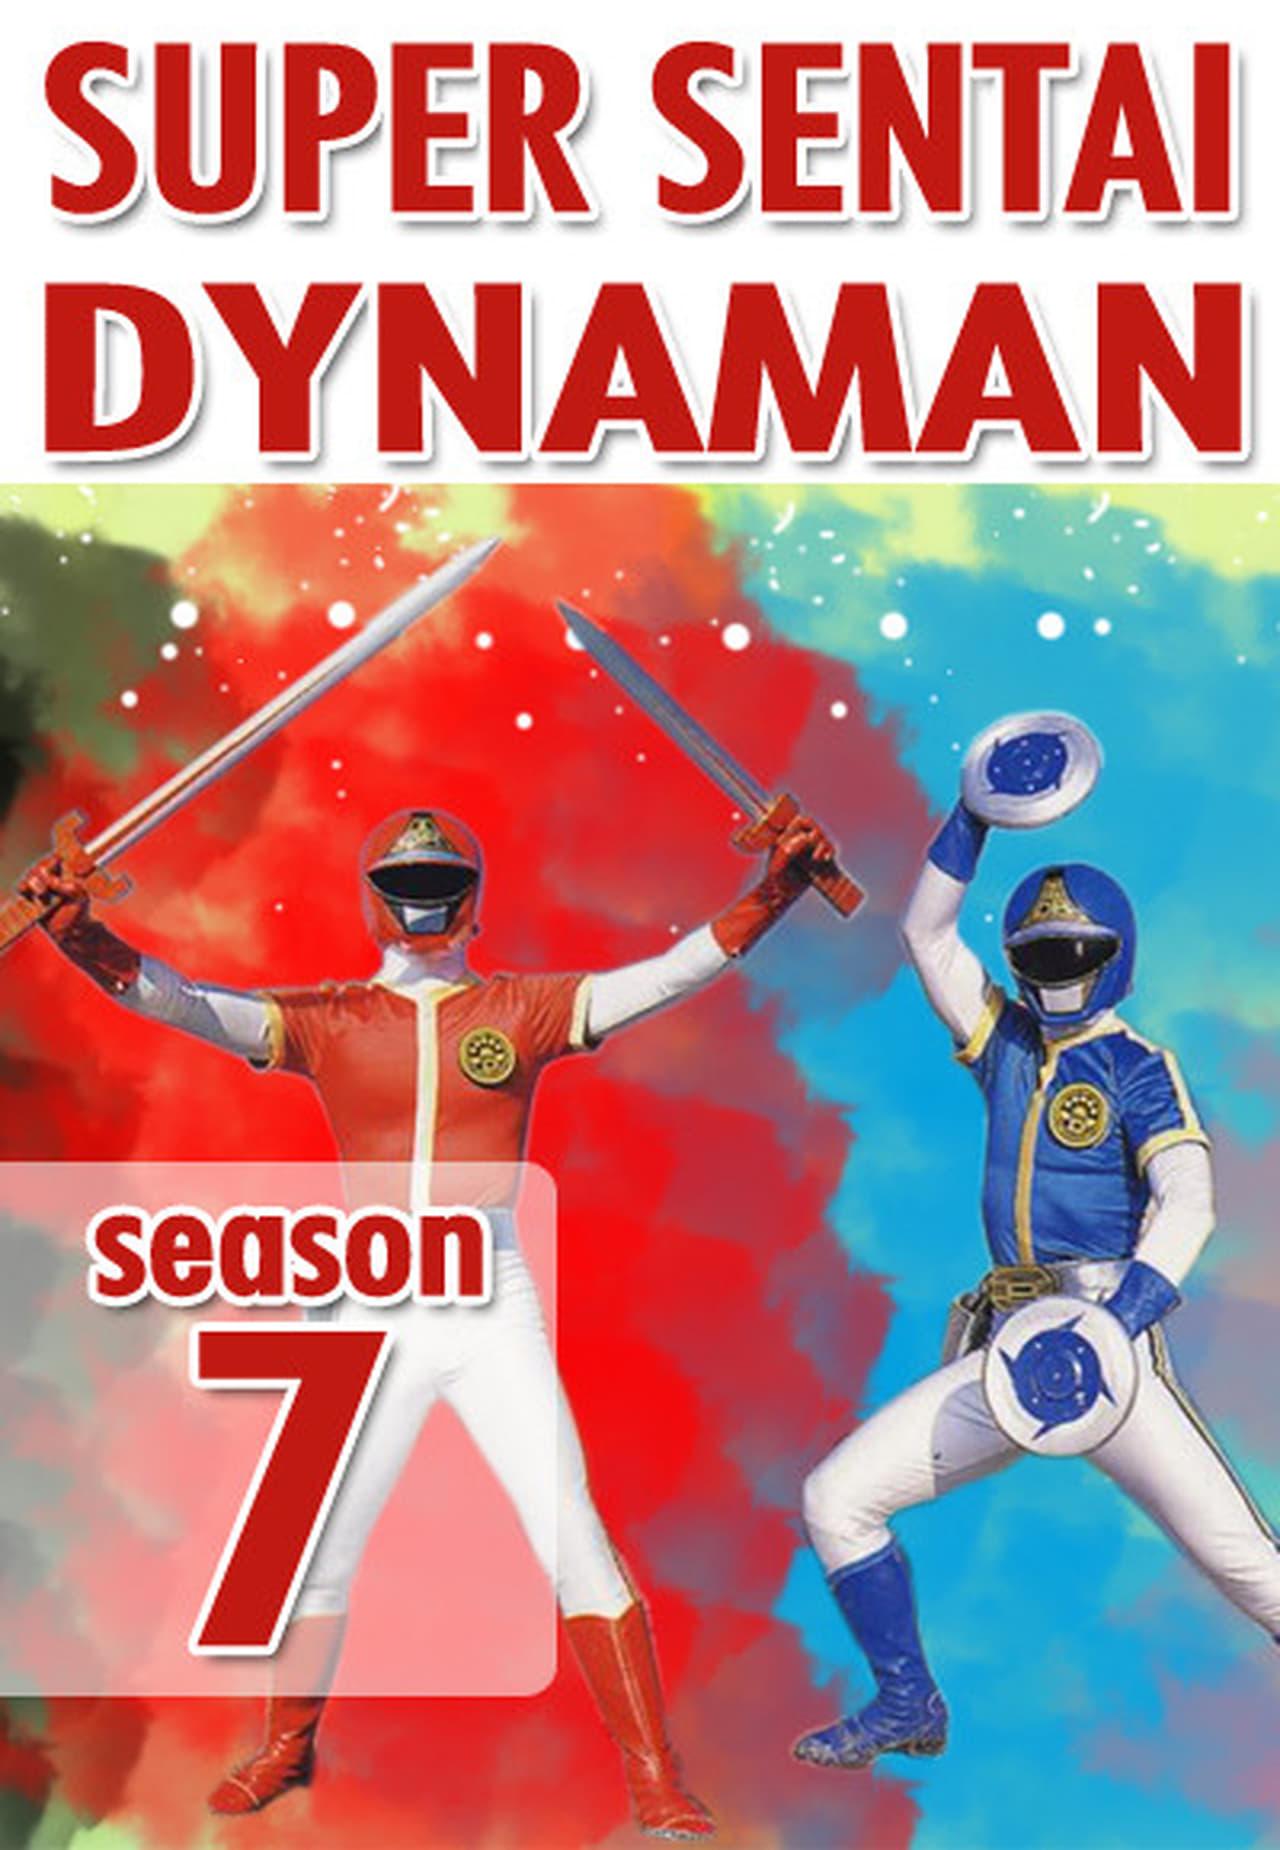 Watch Super Sentai Season 7 Online